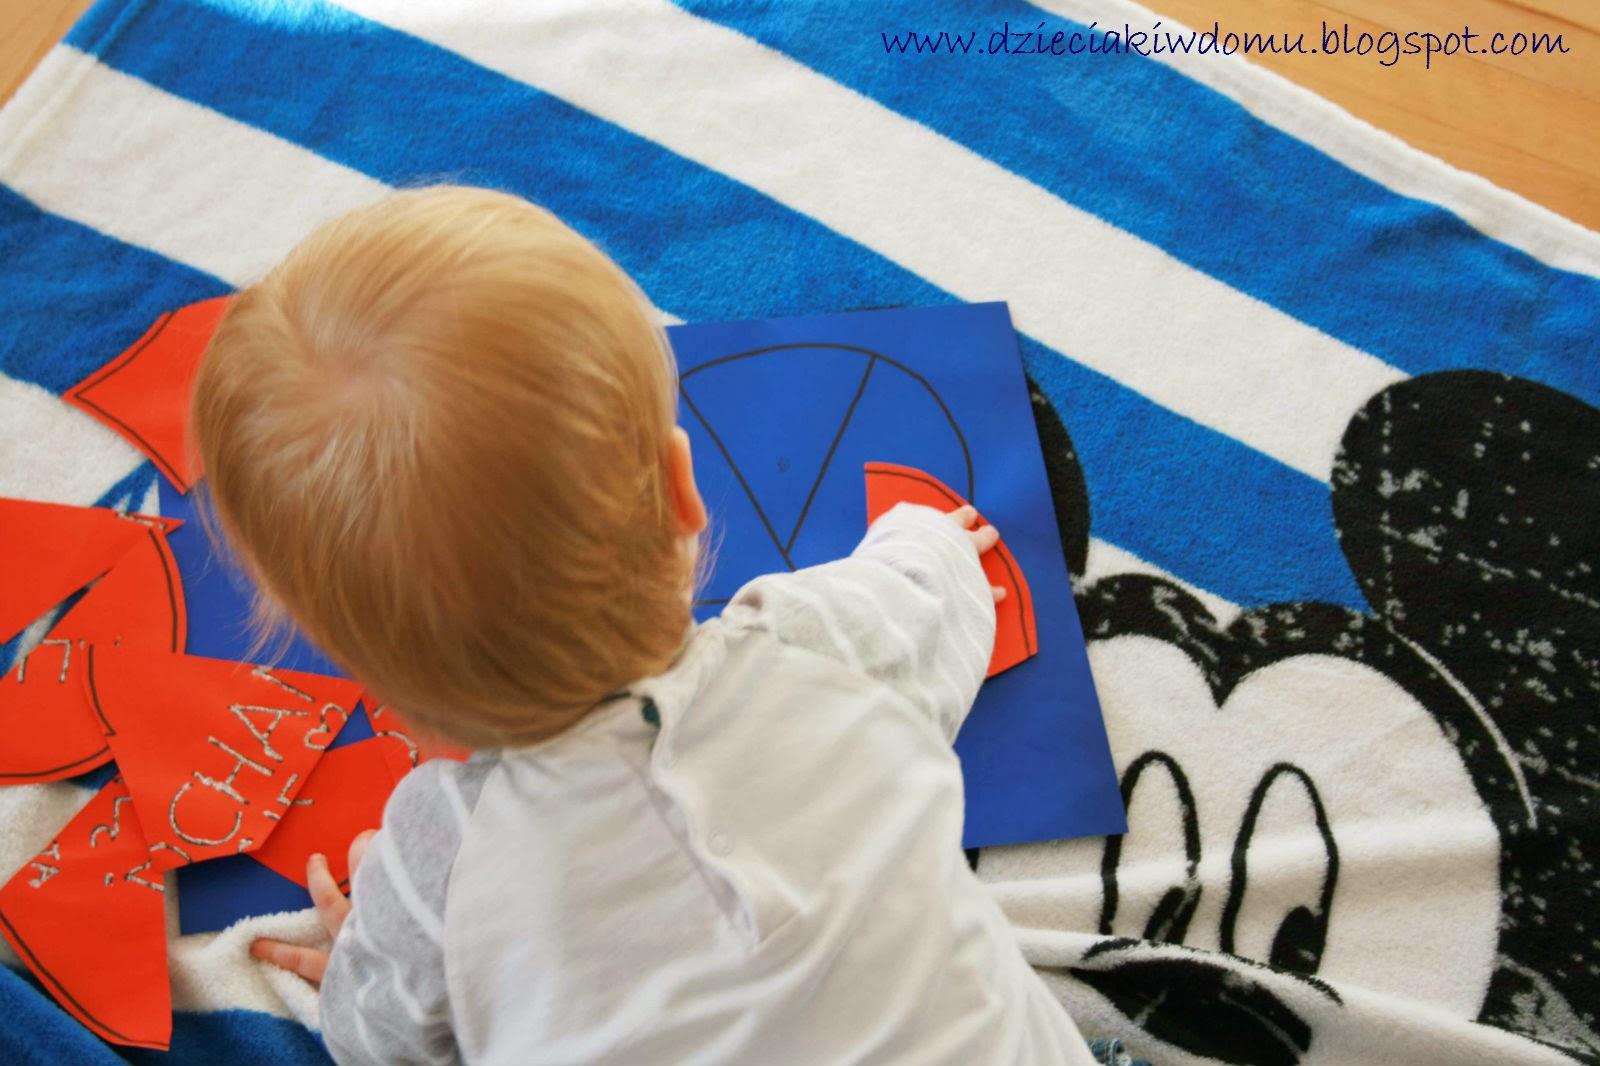 kreatywna walentynkowa zabawa z dziećmi, puzzle, układanie obrazka z kilku części, ćwiczenie percepcji wzrokowej